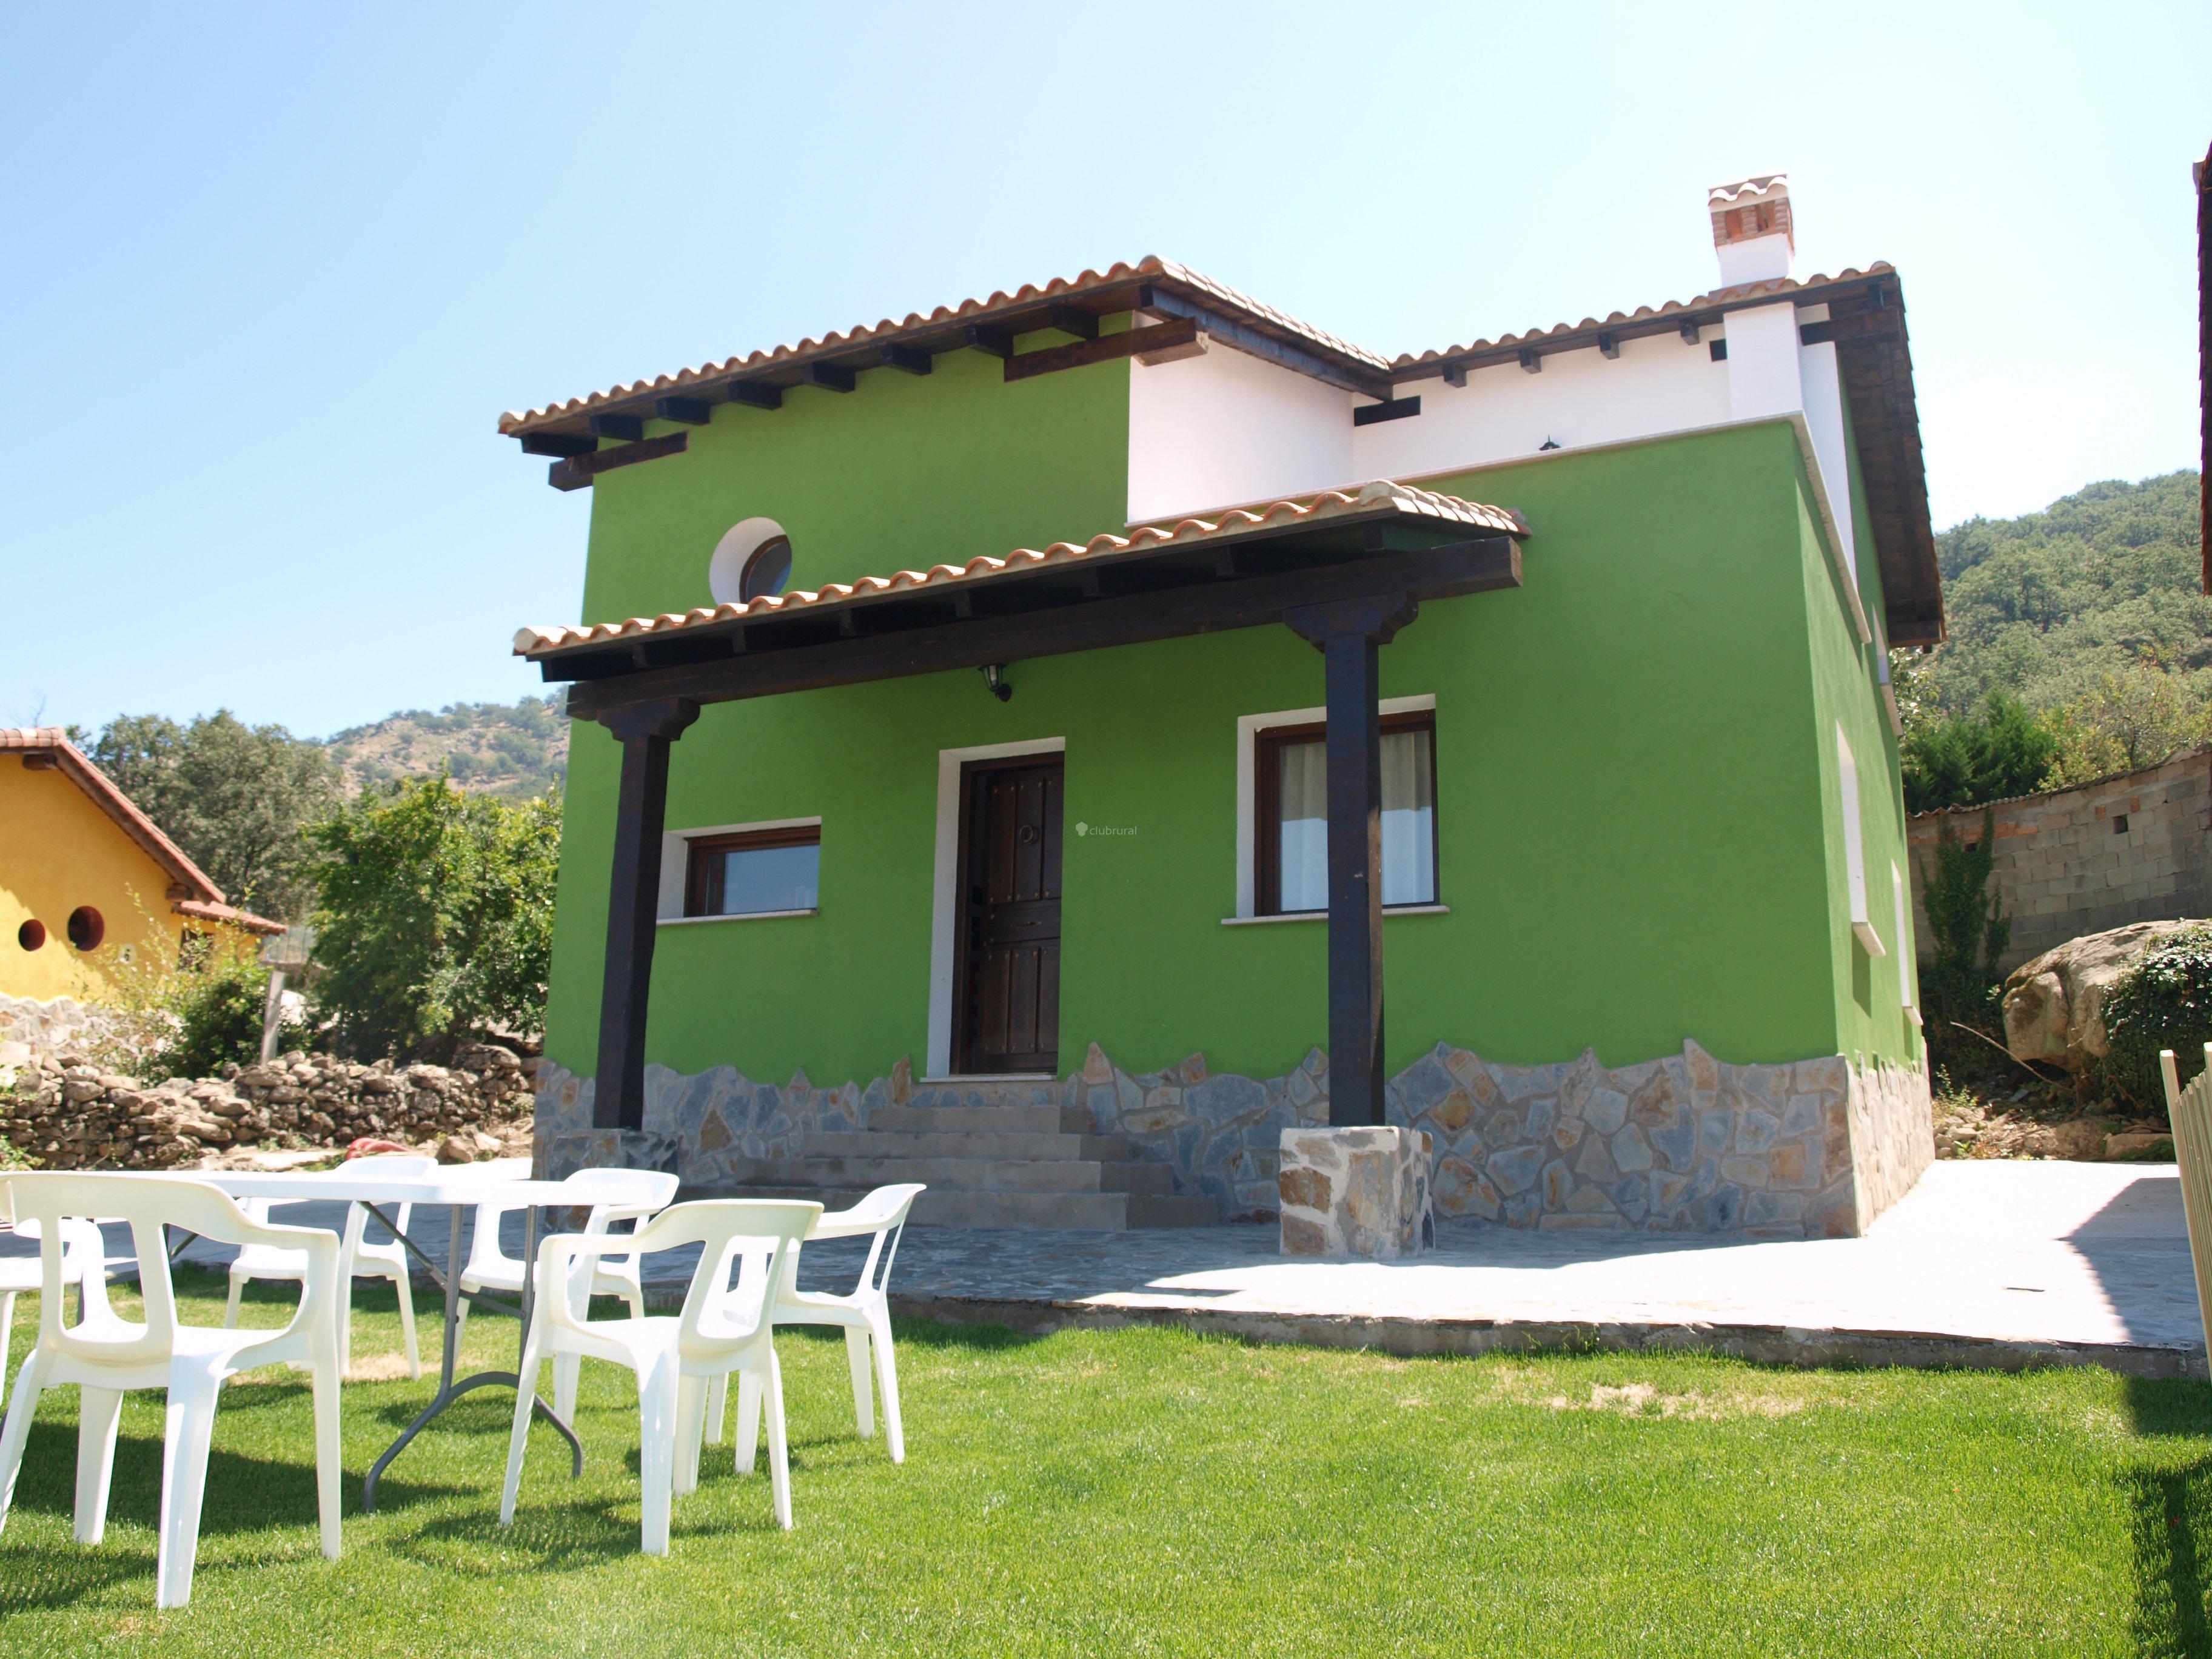 Fotos de casas rurales manolo c ceres casas del monte for Casas rurales en caceres con piscina